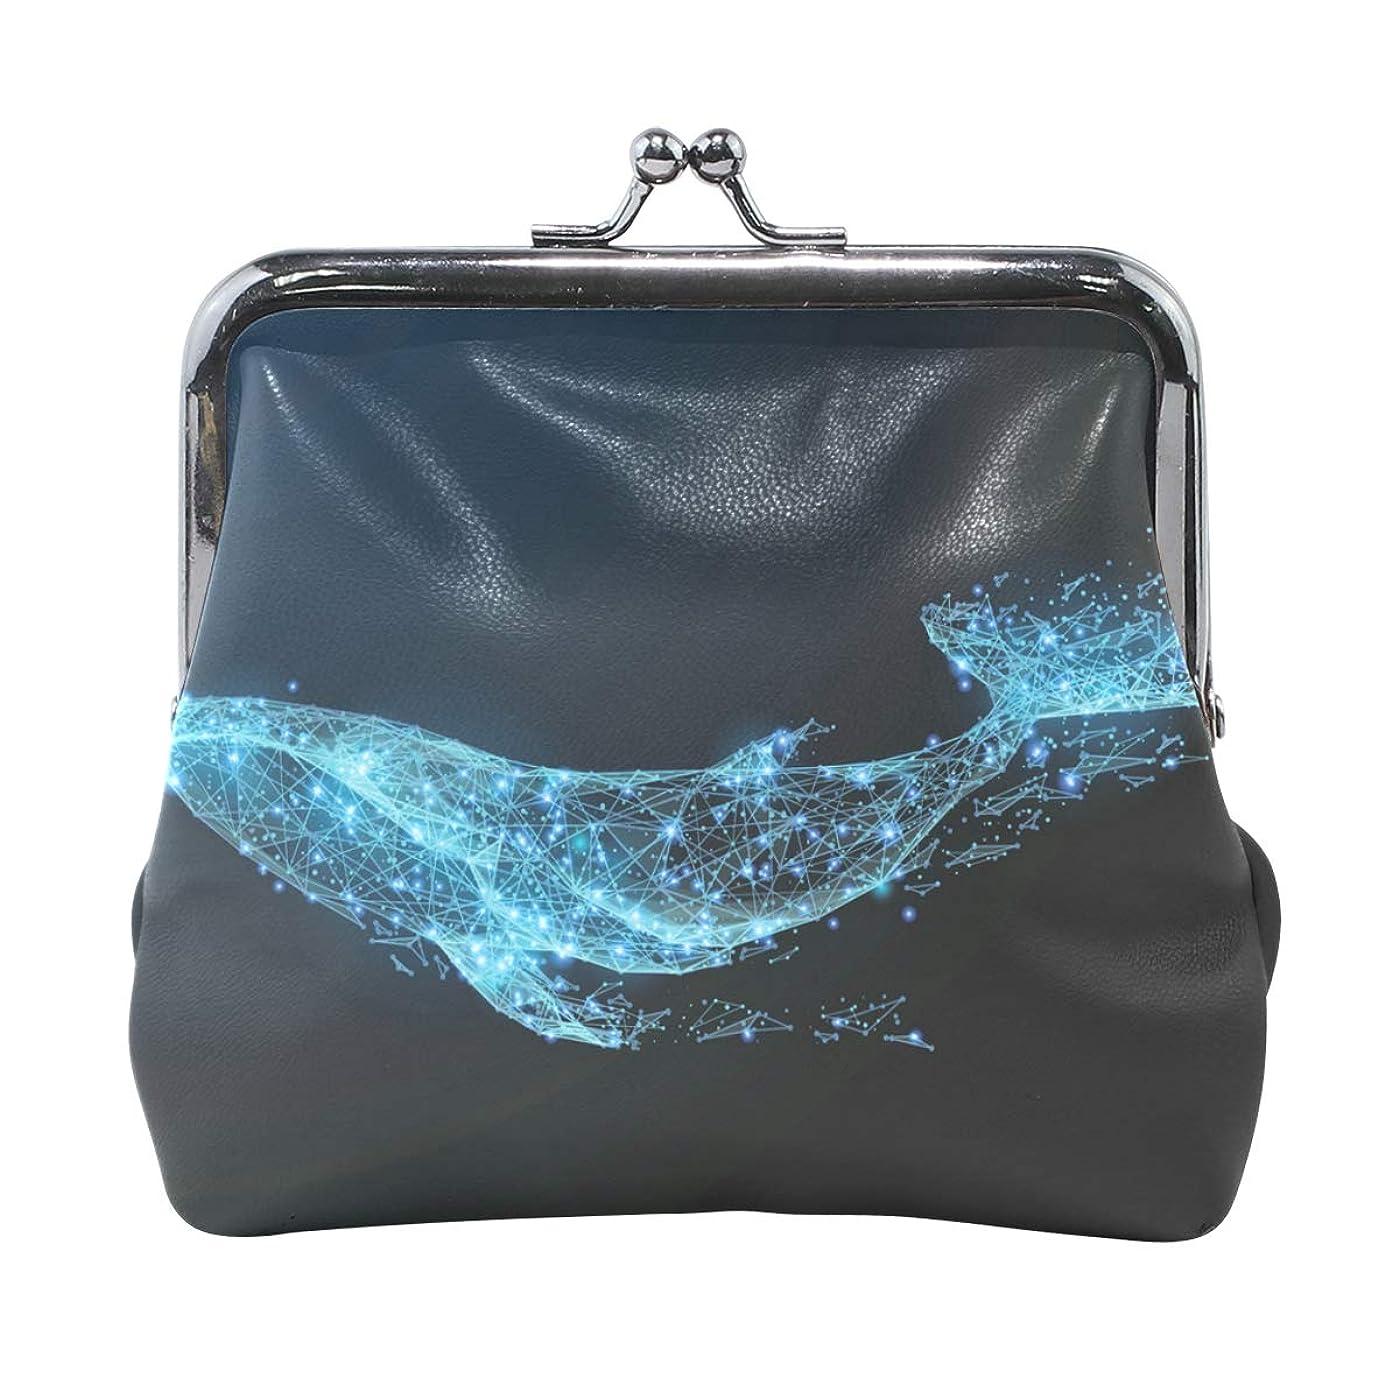 寺院キロメートルに渡ってがま口 財布 口金 小銭入れ ポーチ クジラ 海 動物 水中 サメ 魚 可愛い ANNSIN バッグ かわいい 高級レザー レディース プレゼント ほど良いサイズ